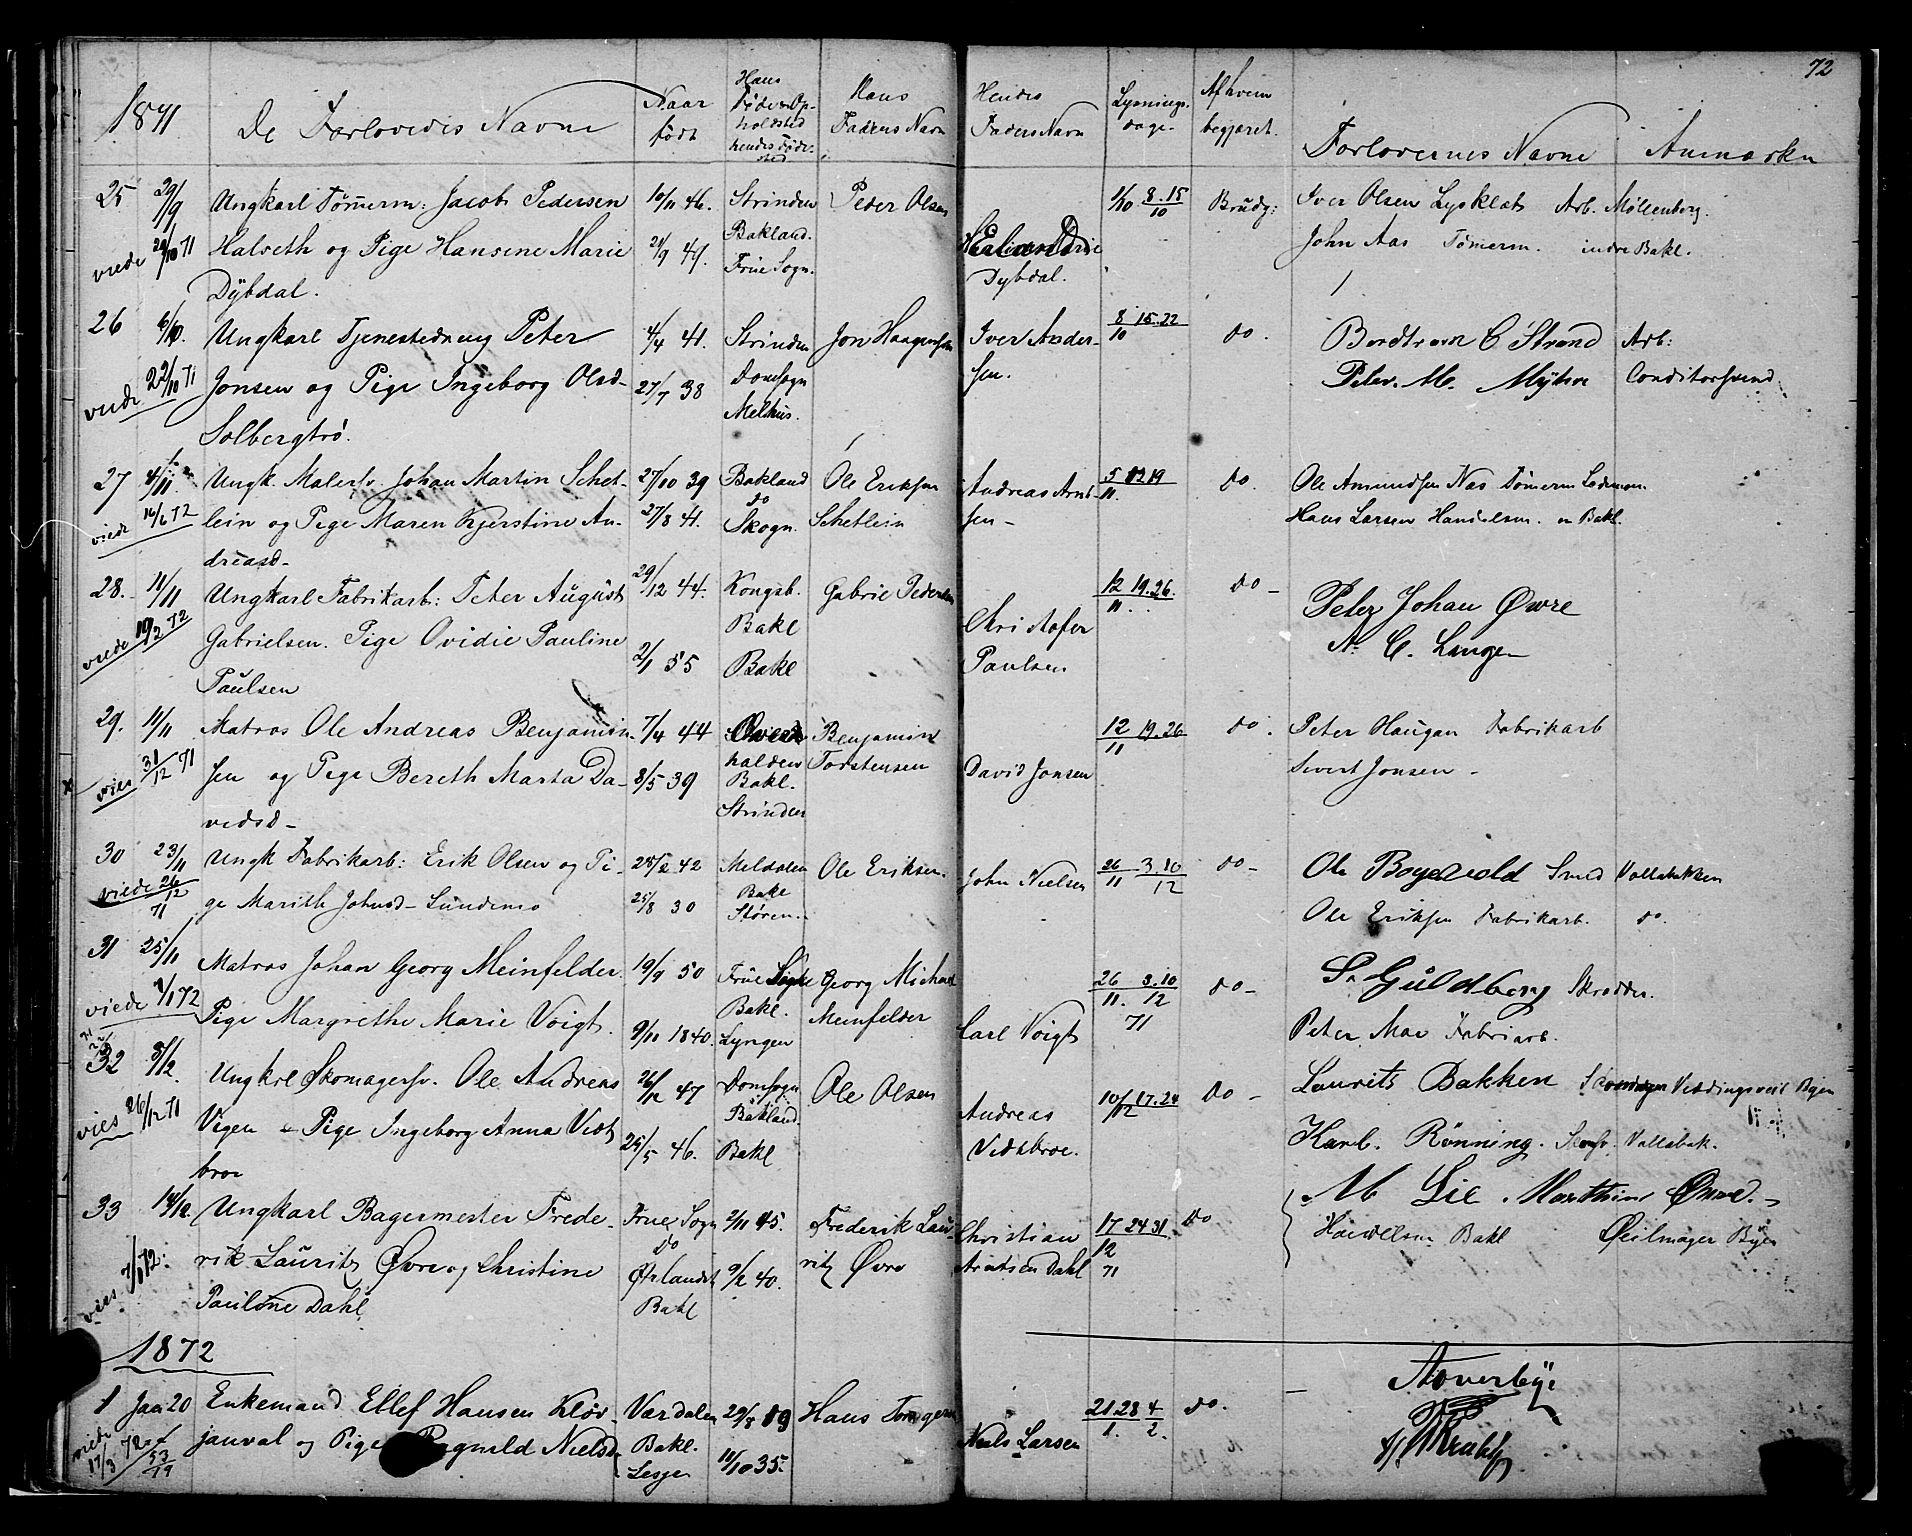 SAT, Ministerialprotokoller, klokkerbøker og fødselsregistre - Sør-Trøndelag, 604/L0187: Ministerialbok nr. 604A08, 1847-1878, s. 72